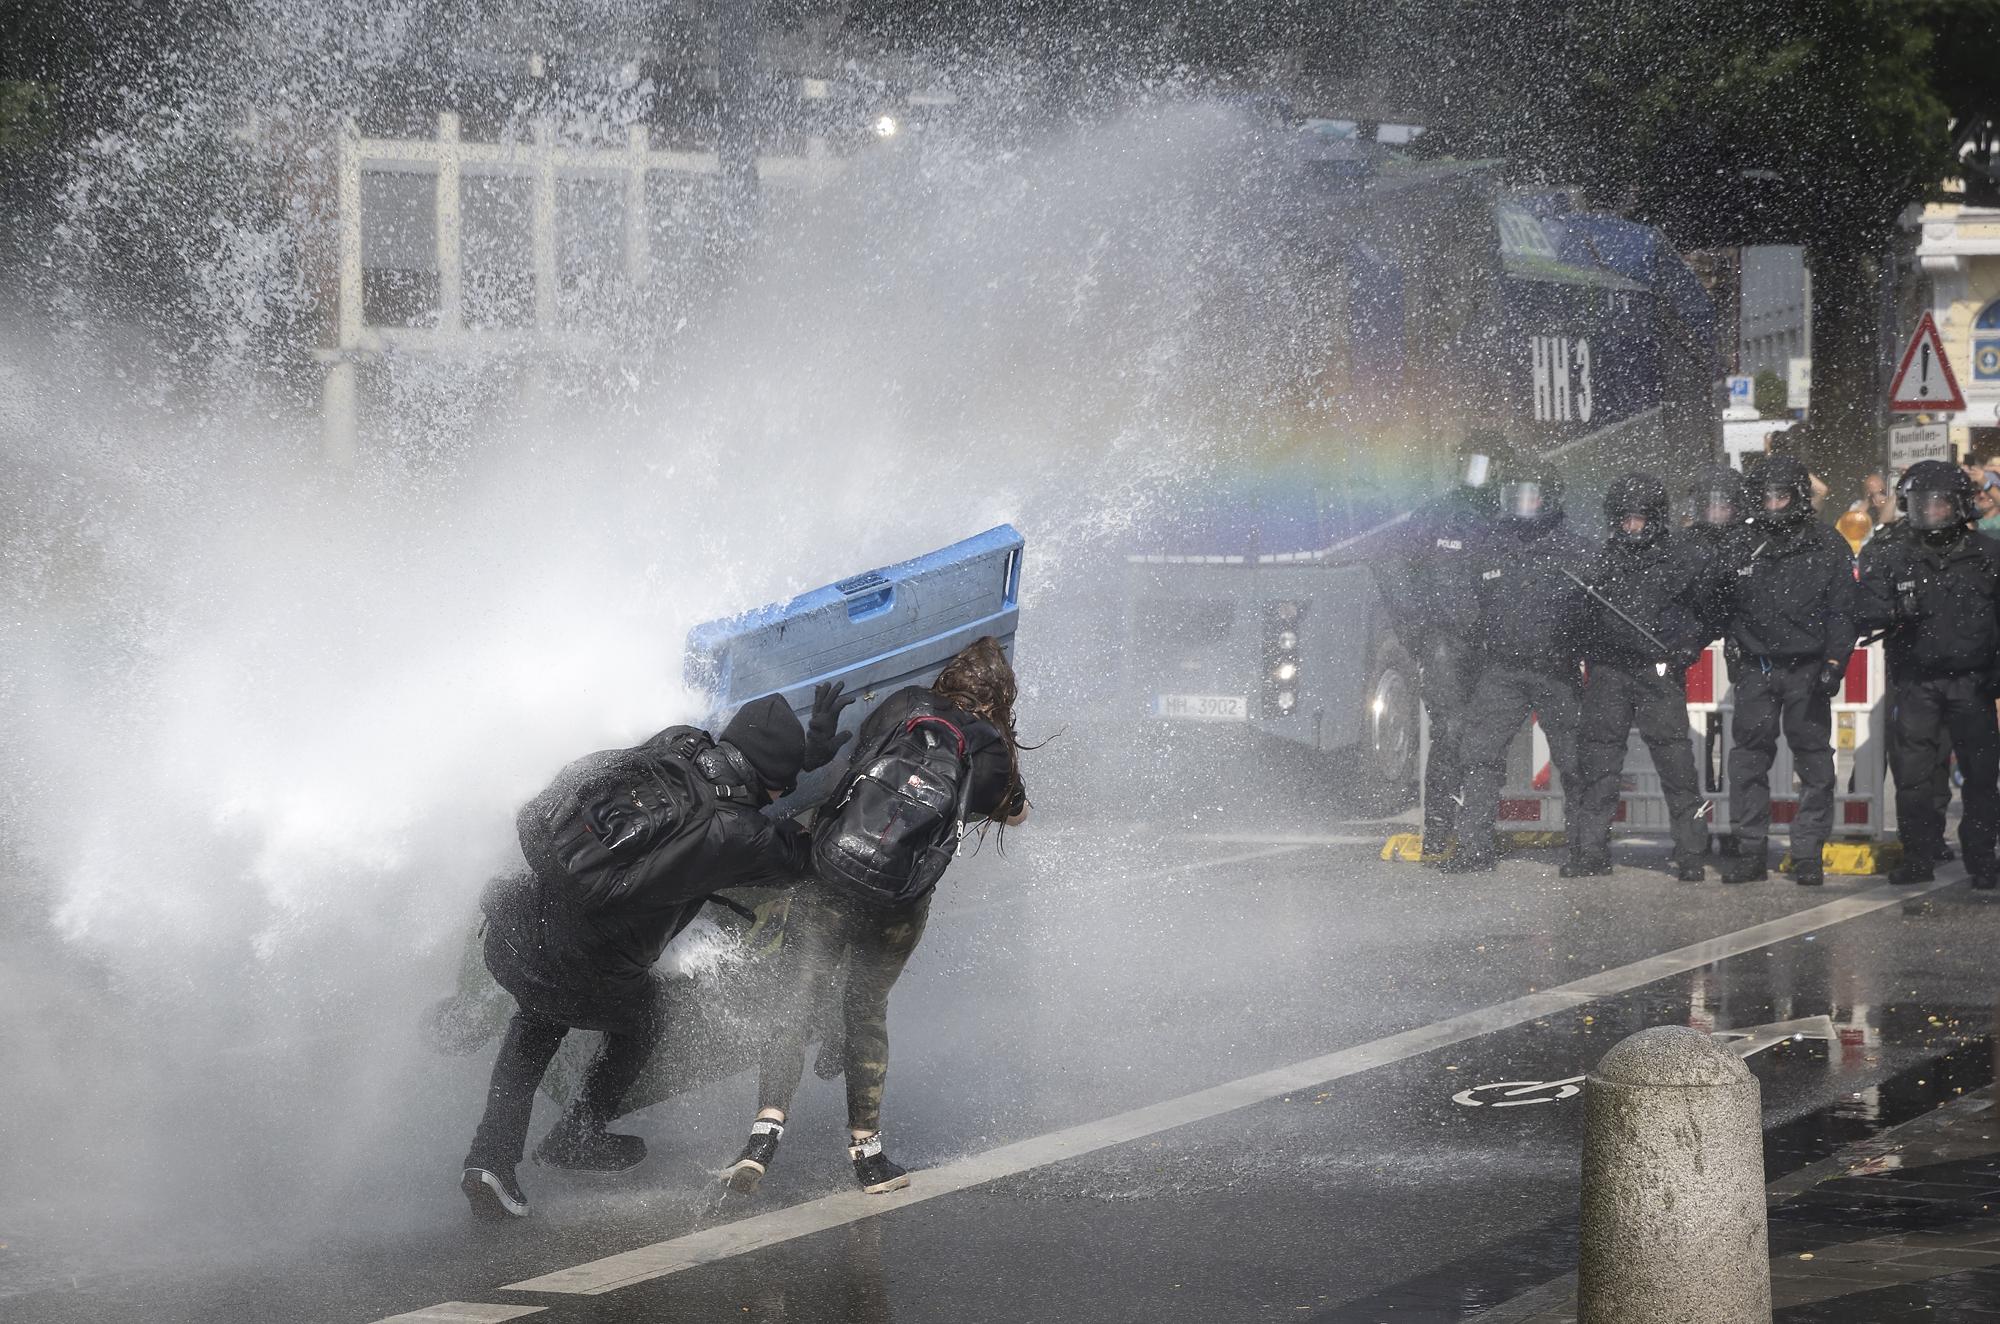 Autonome stellen sich am 07/07/2017 an den Landungsbrücken in Hamburg mit einem Mülleimer dem Strahl eines Wasserwerfers entgegen. Foto Florian Schuh